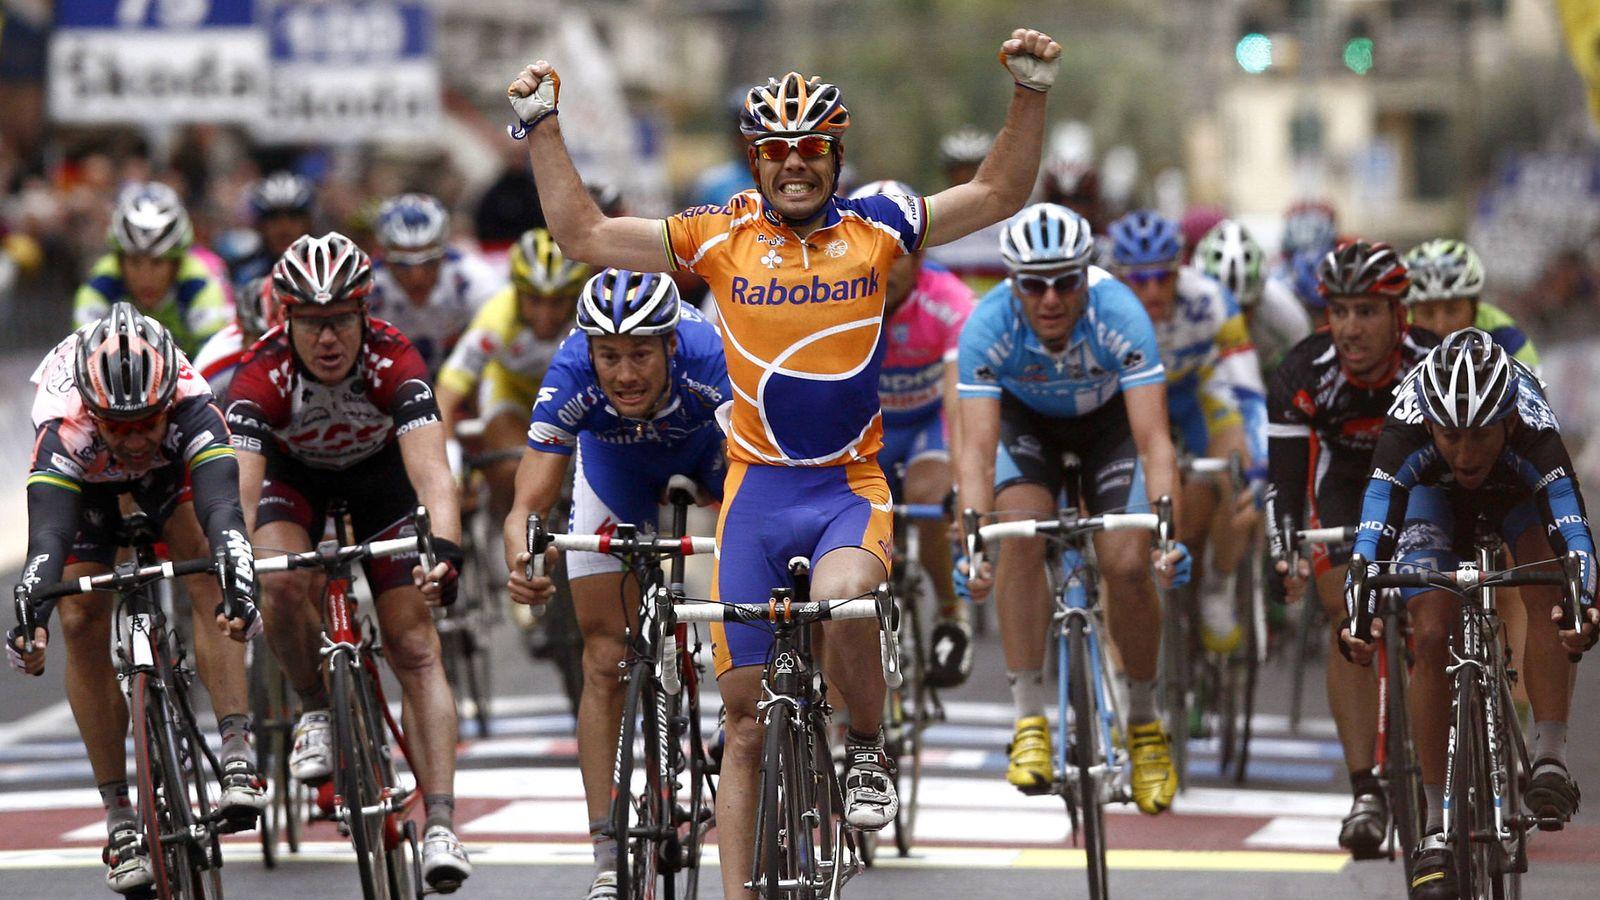 Foto: Óscar Freire ganó tres veces la Milán-San Remo. En la imagen, su victoria en 2007. (Reuters)